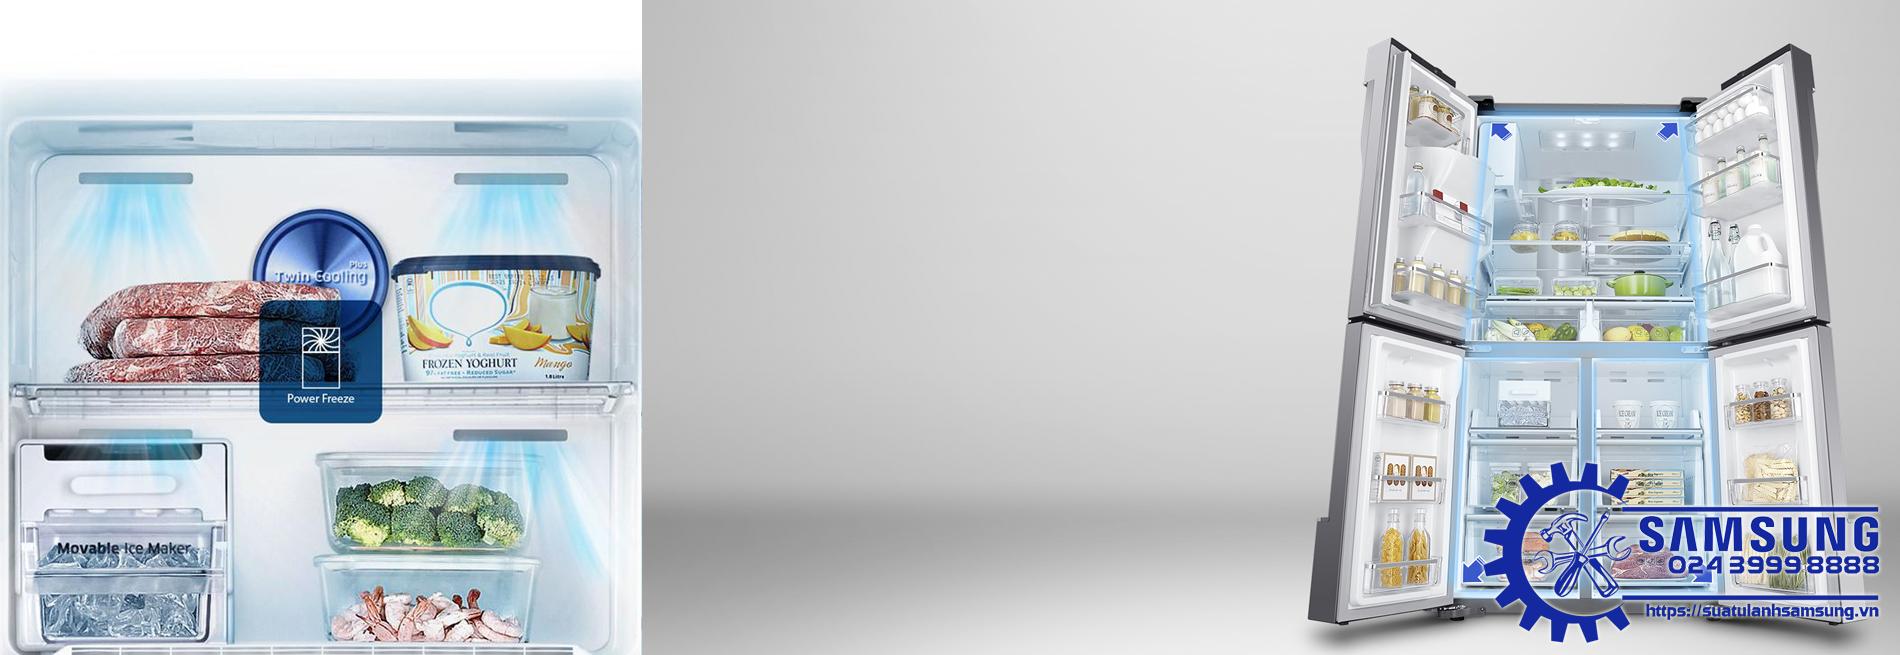 Sửa Tủ Lạnh Samsung Uy Tín Nhất Hà Nội